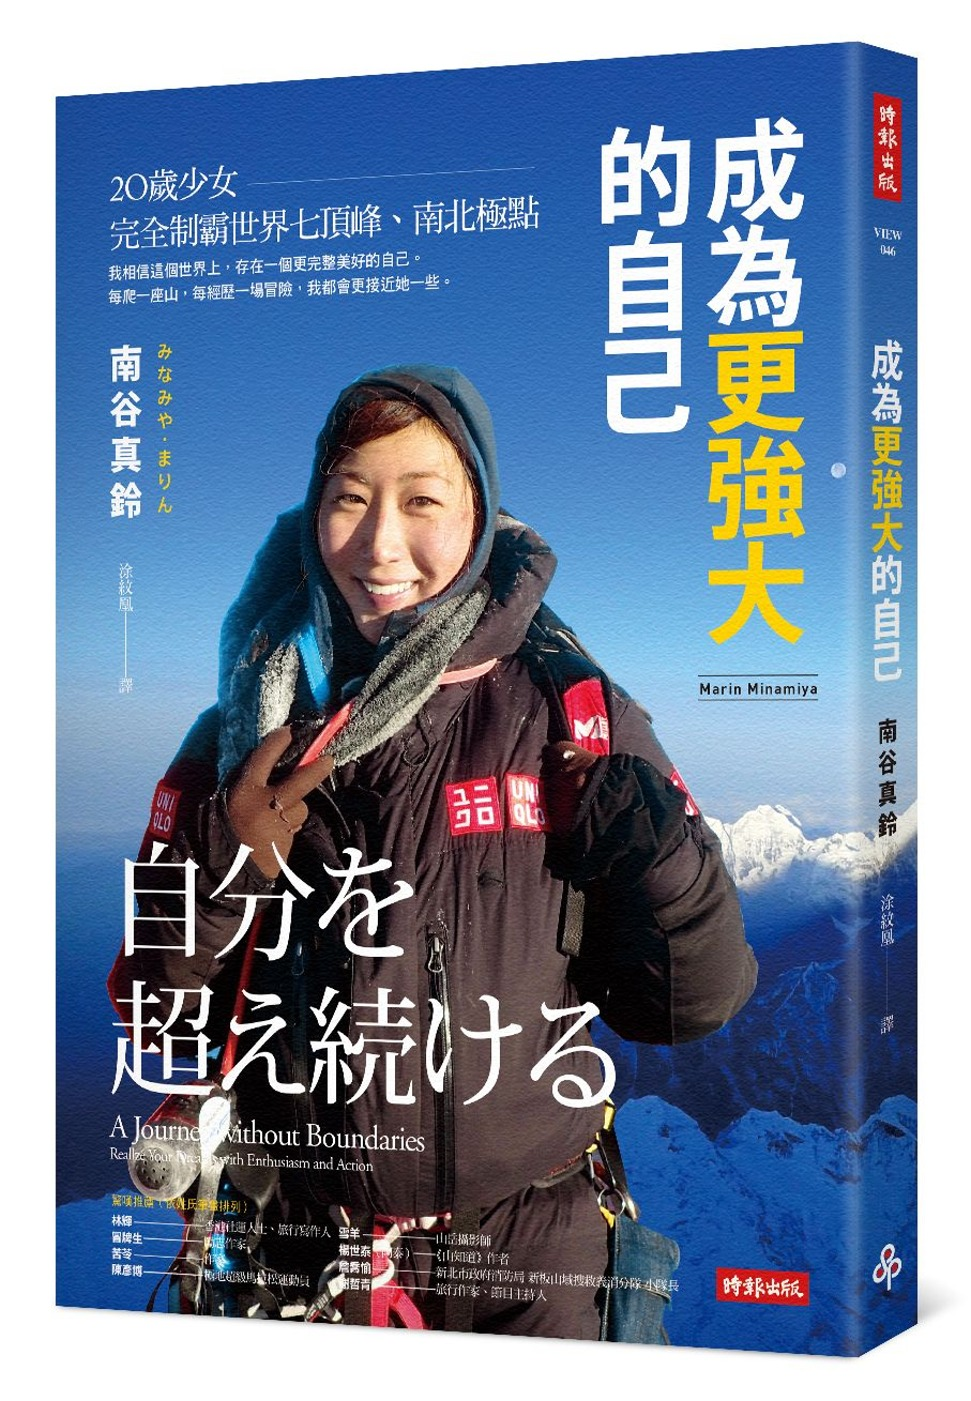 成為更強大的自己:20歲少女完全制霸世界七頂峰、南北極點